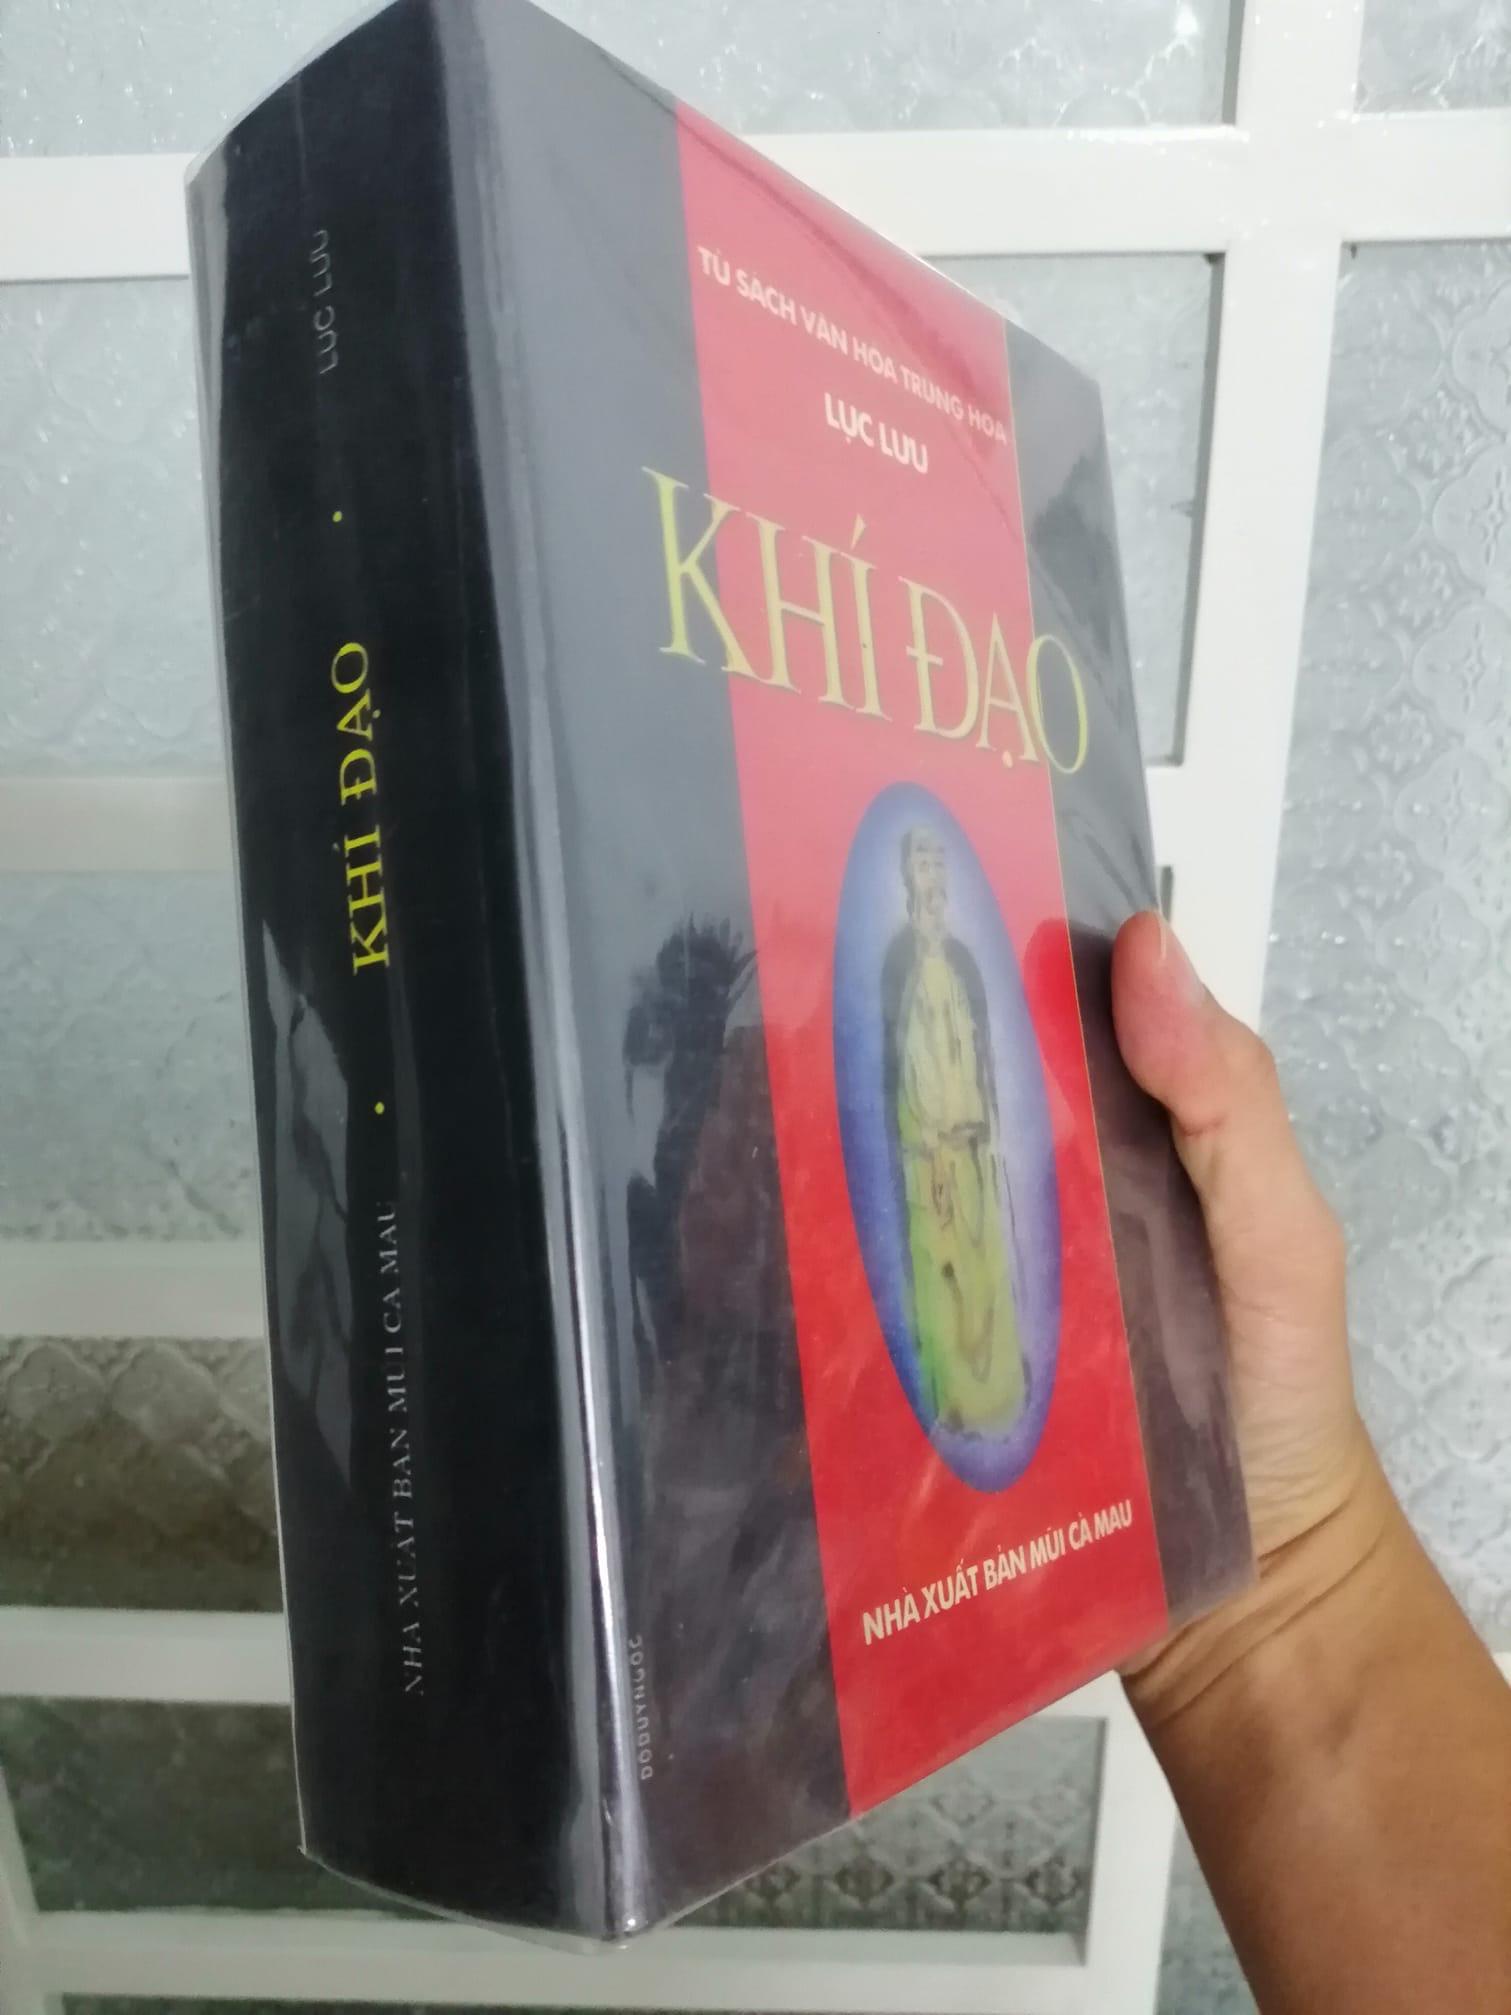 Khí Đạo (kinh điển quí giá của những người nghiên cứu khí công) - Lục Lưu